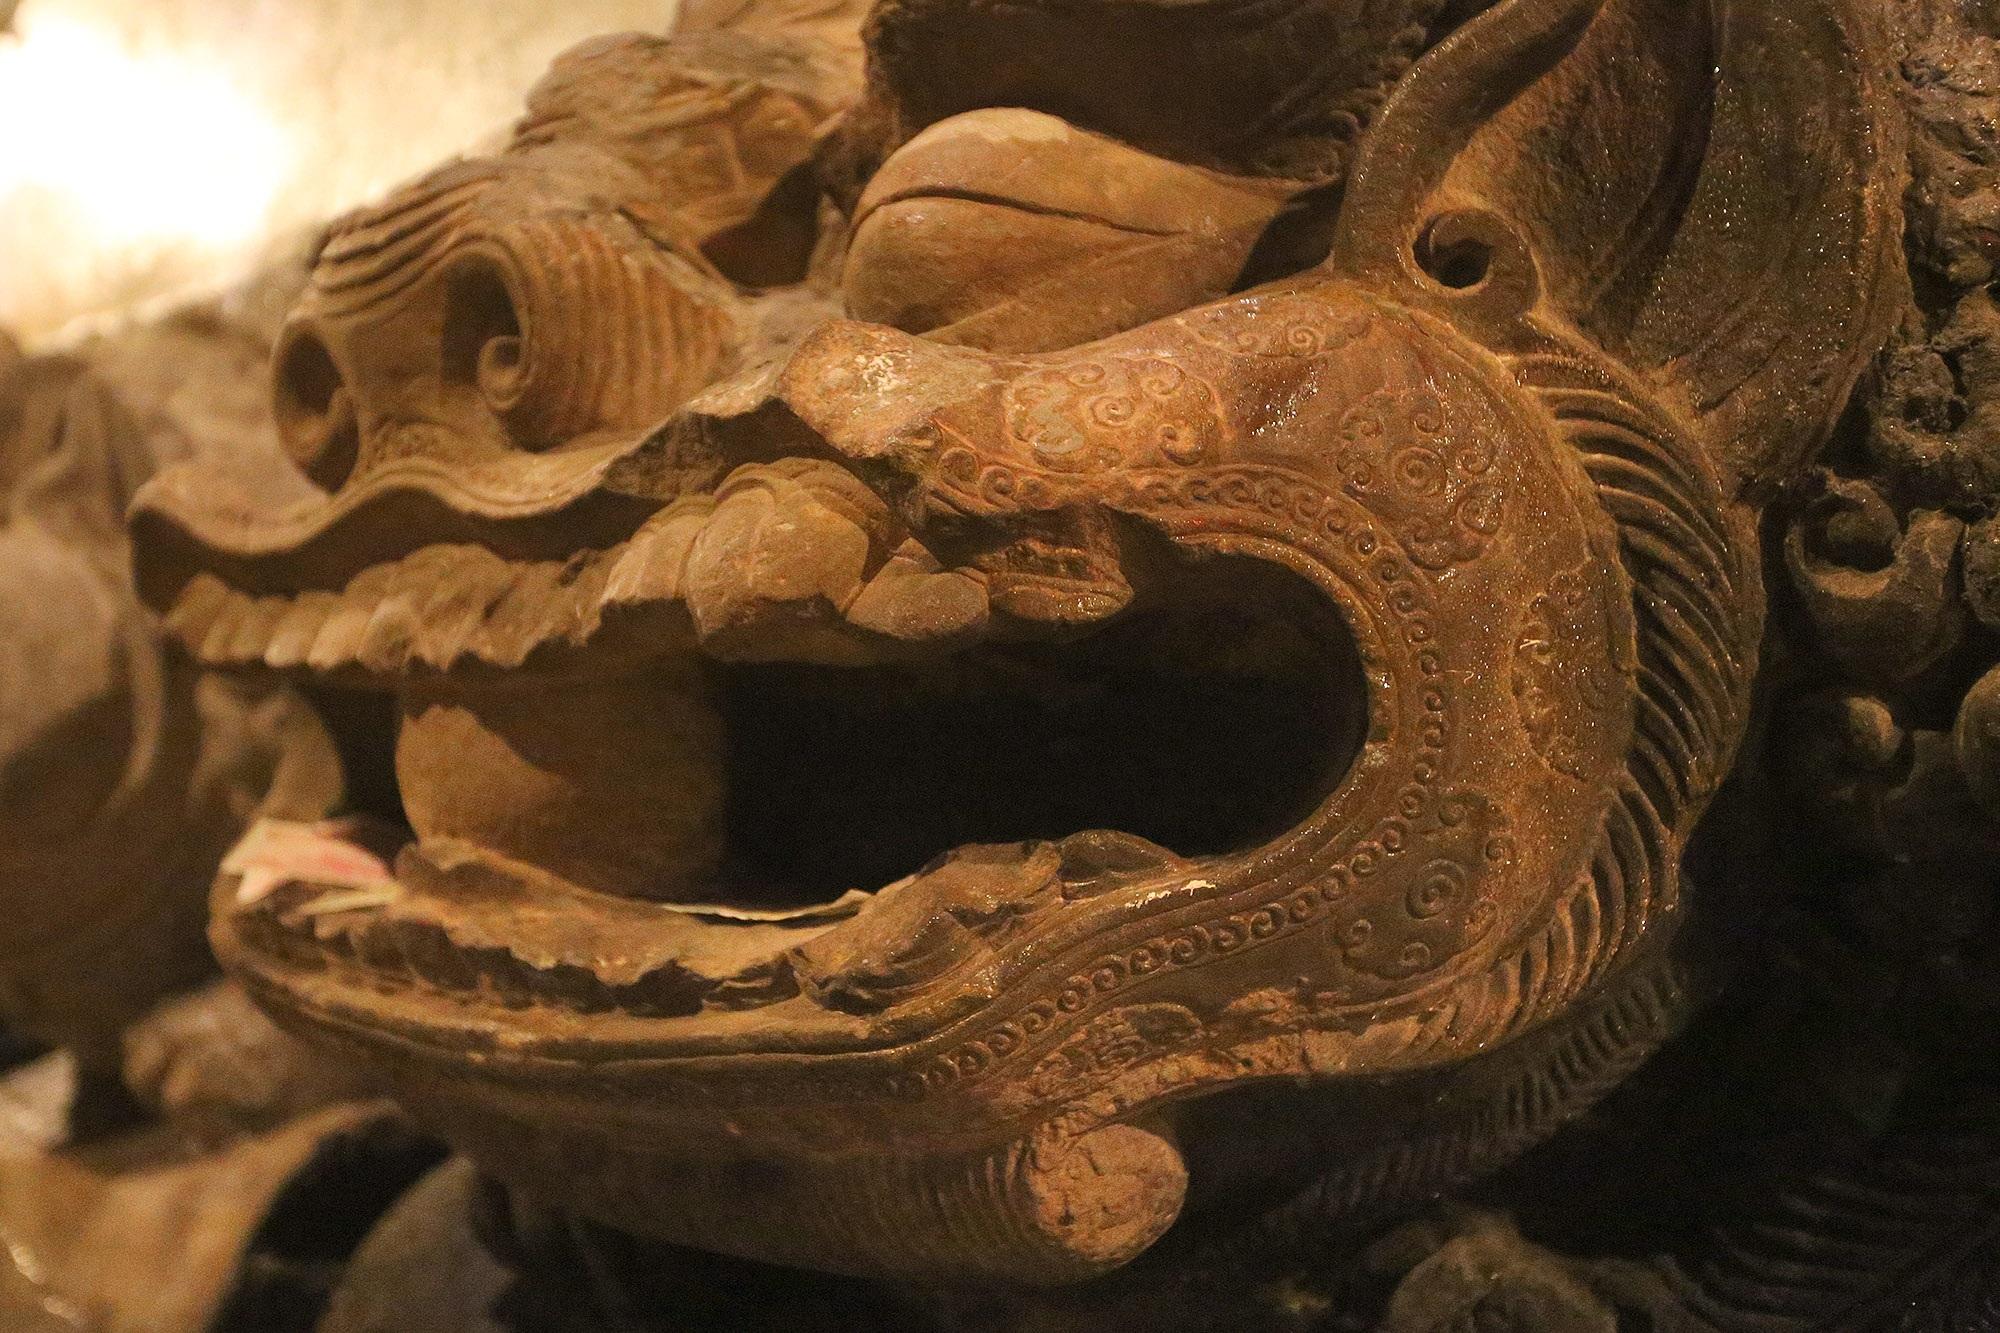 Bảo vật quốc gia: Tượng đôi sư tử đá và Khám thờ gỗ sơn son thếp vàng - 6